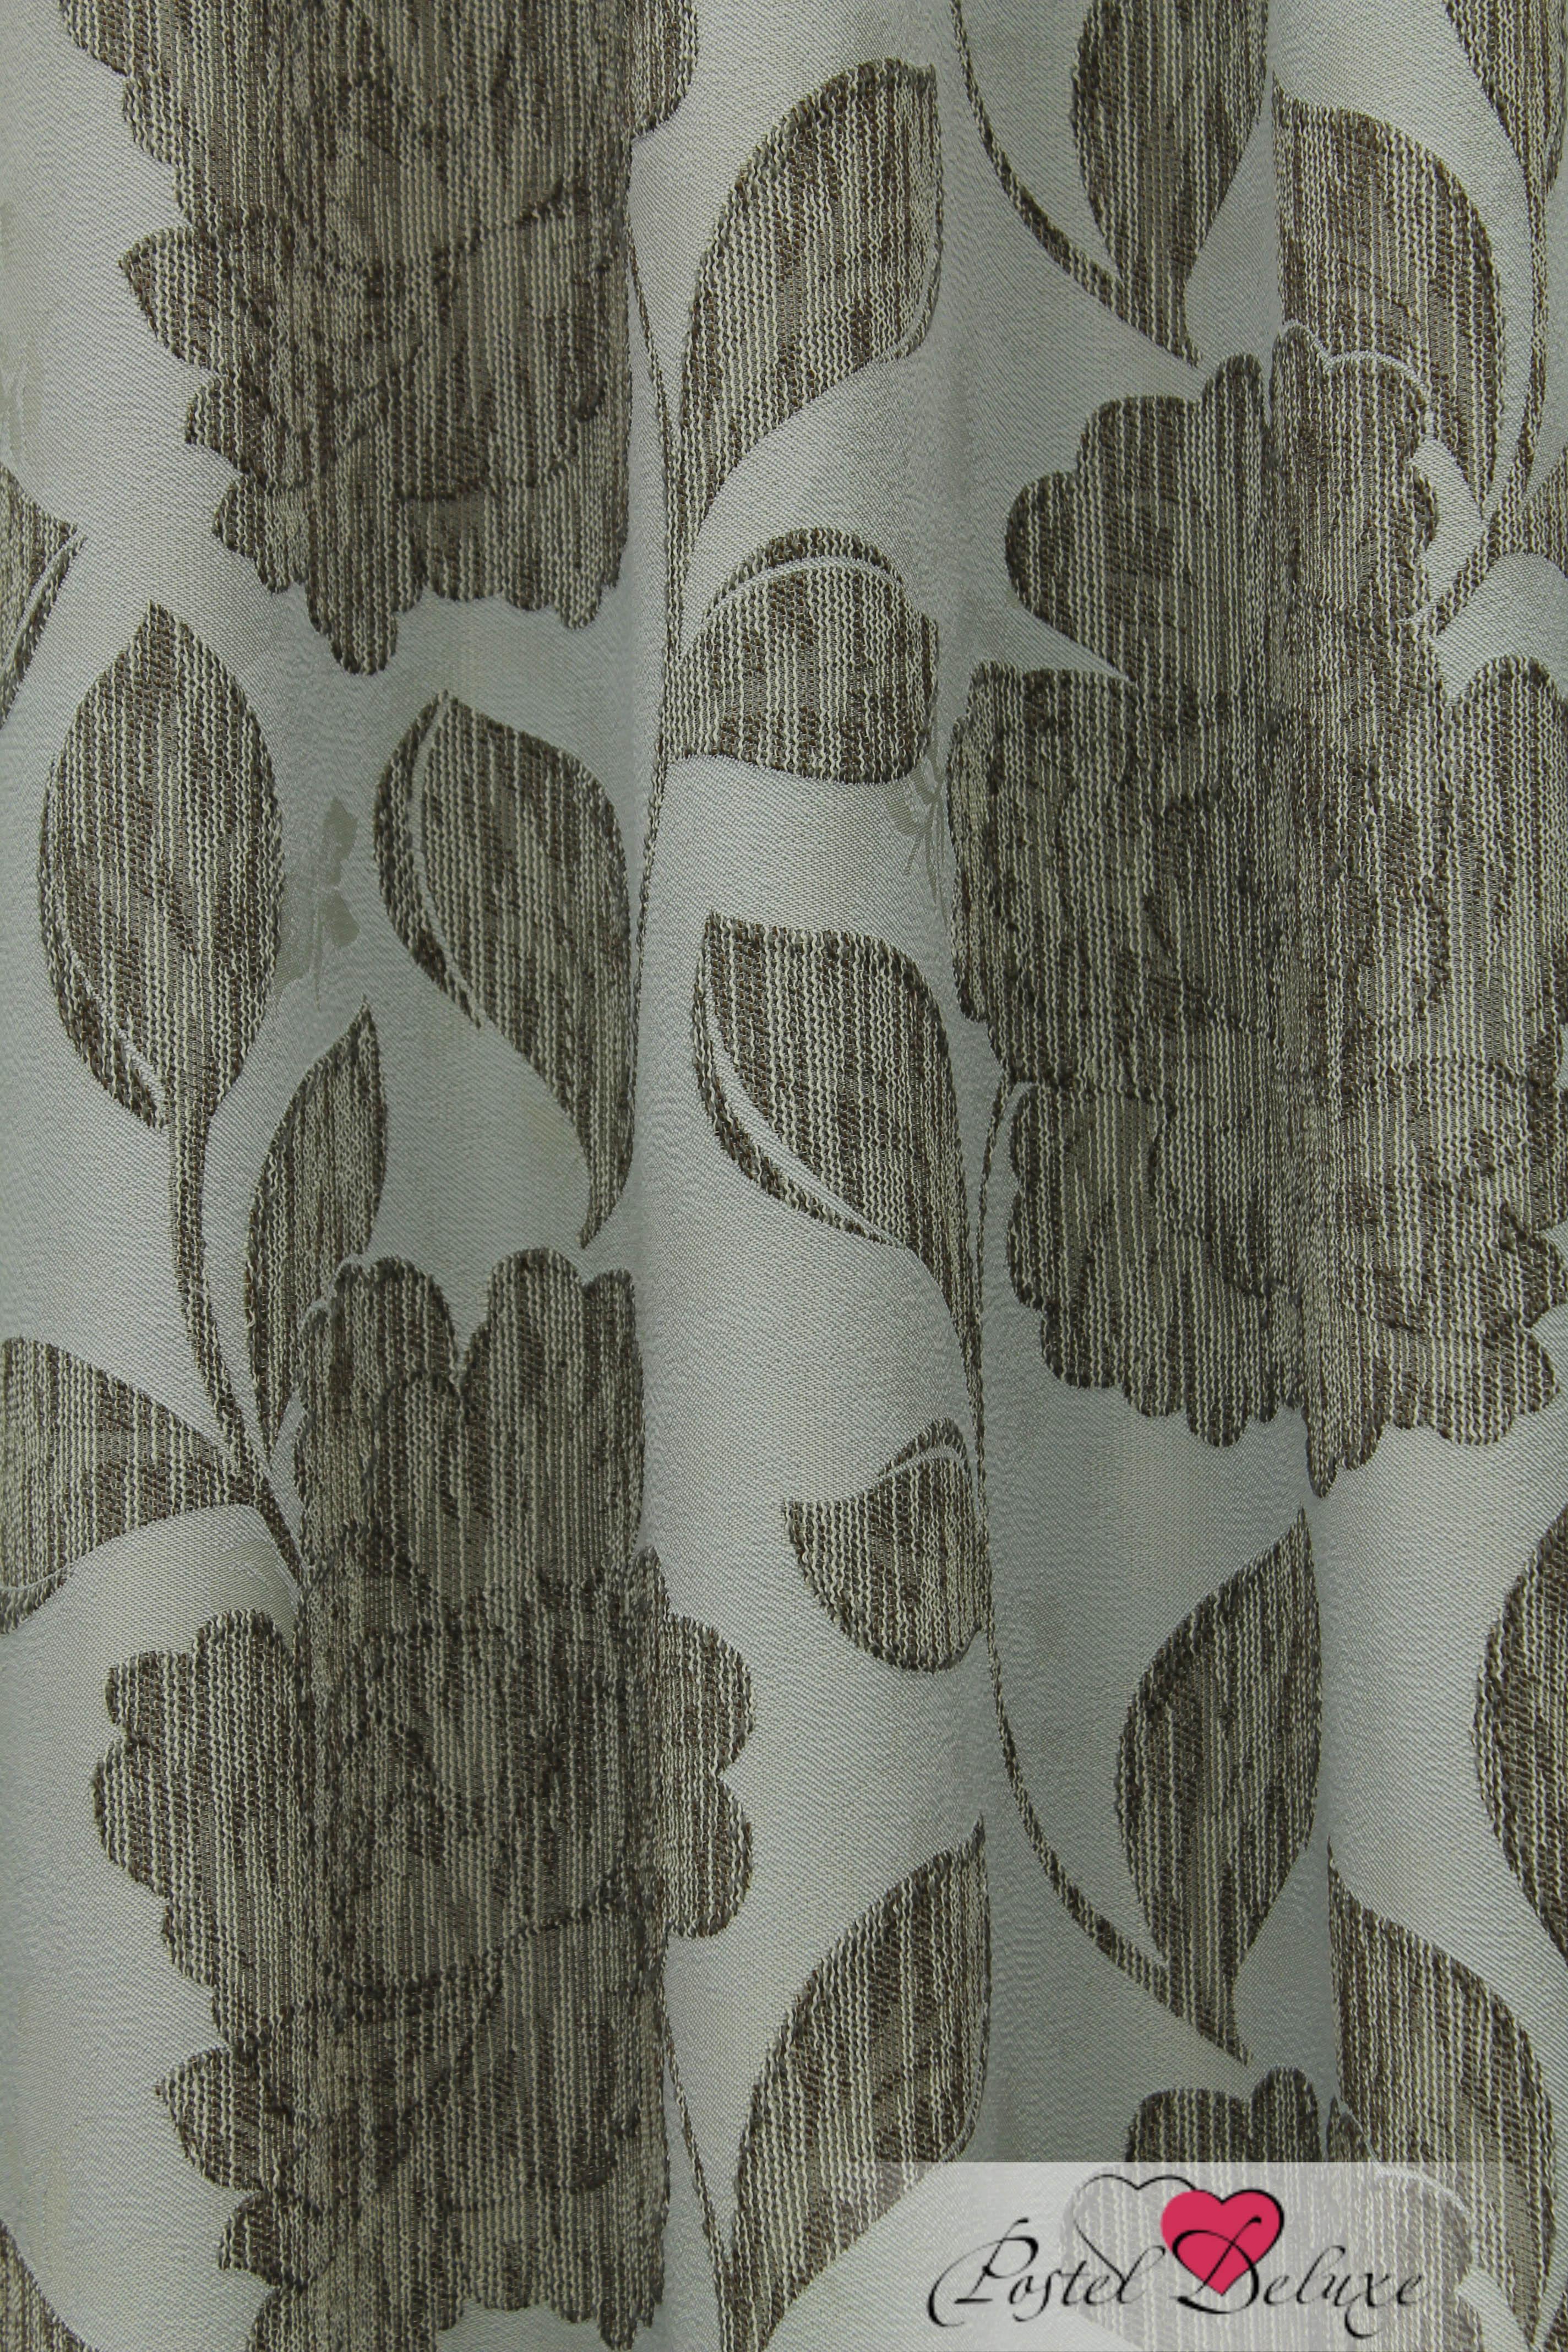 Шторы Sanpa Классические шторы Асанта Цвет: Бежево-Бирюзовый шторы tac классические шторы winx цвет персиковый 200x265 см